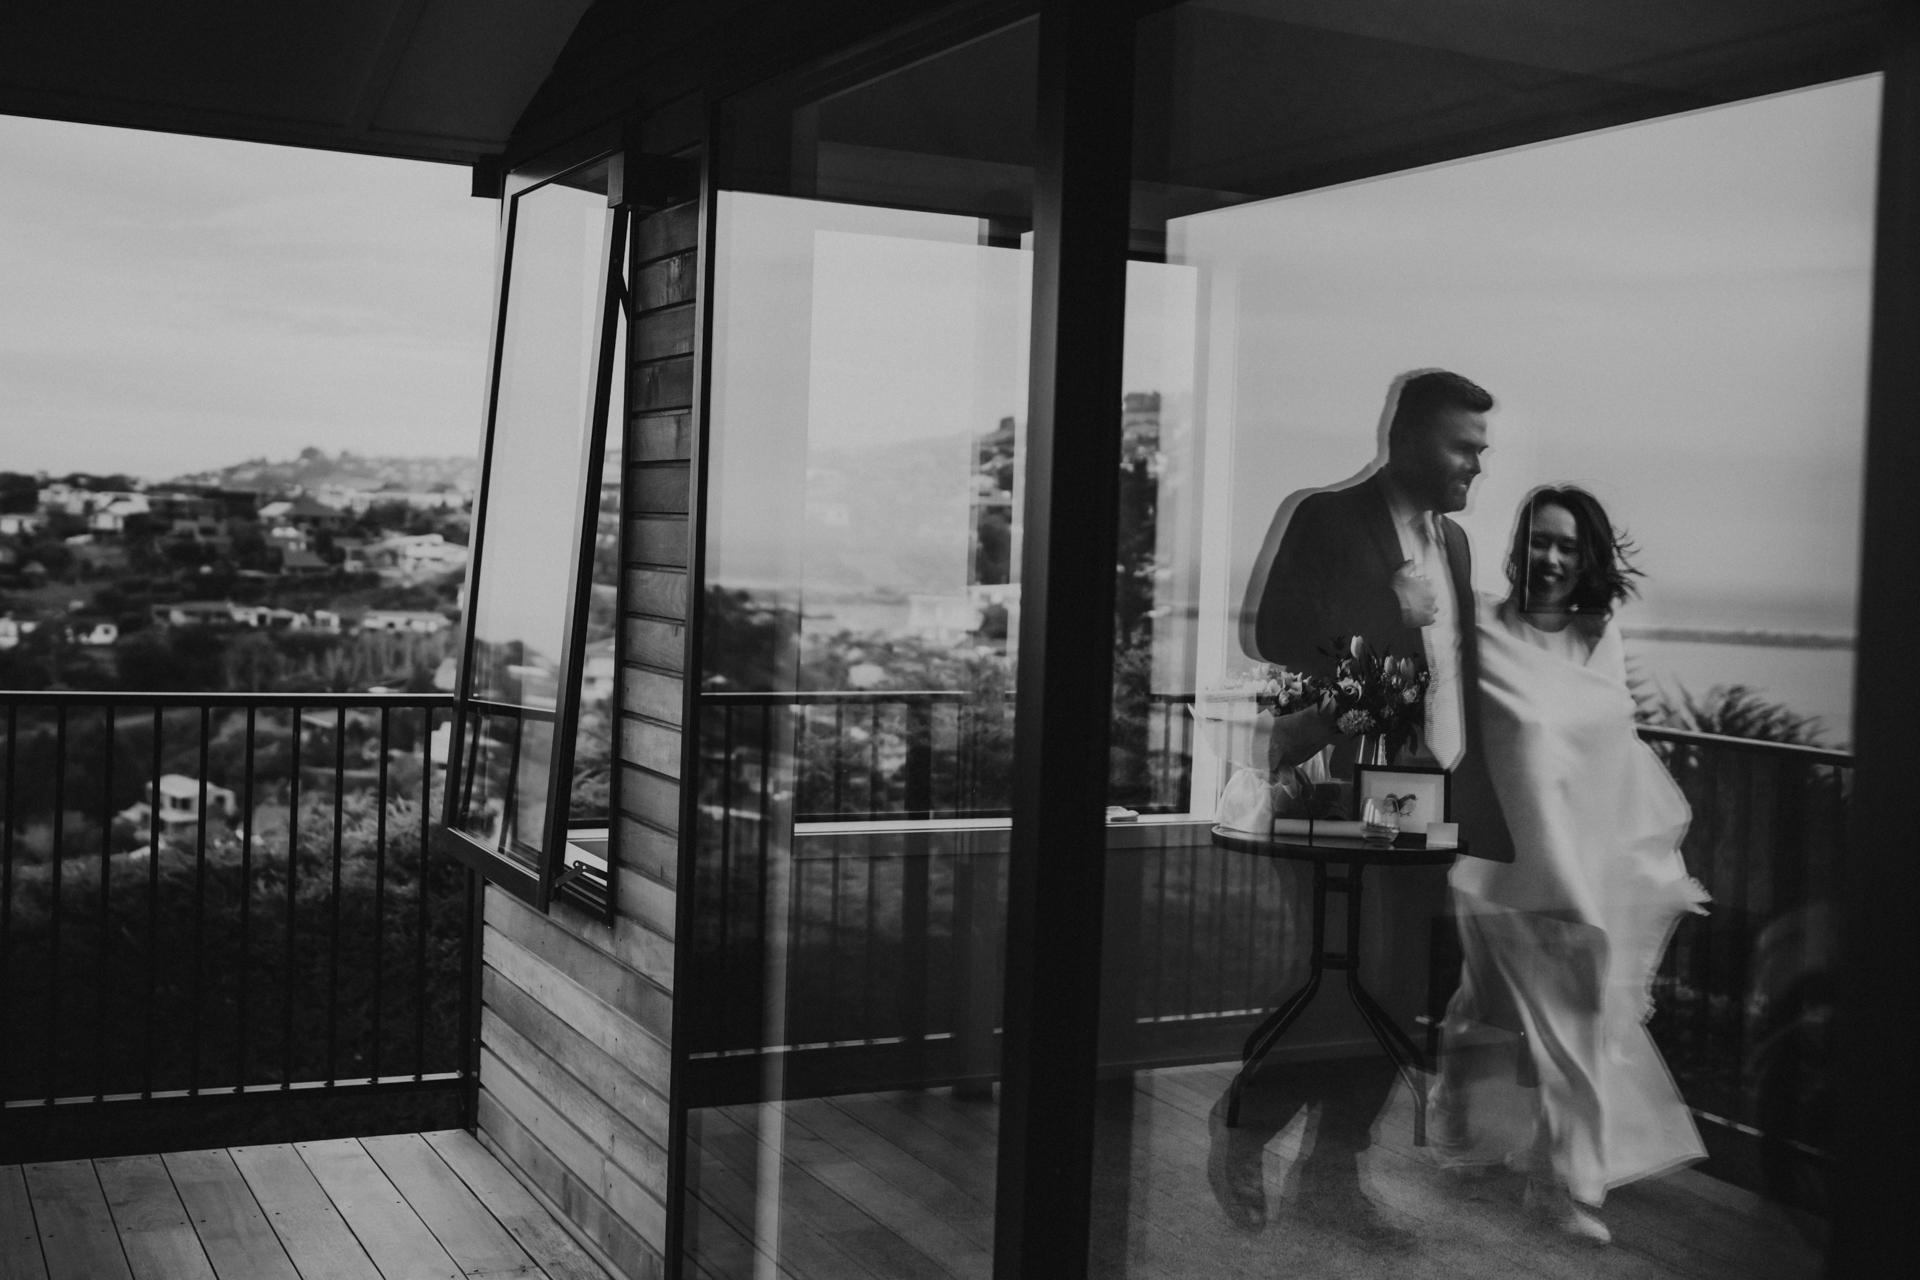 Christchruch Elopement Ceremony Picture | het paar, nu gelukkig getrouwd en glimlachend, weerspiegeld in het grote balkonraam